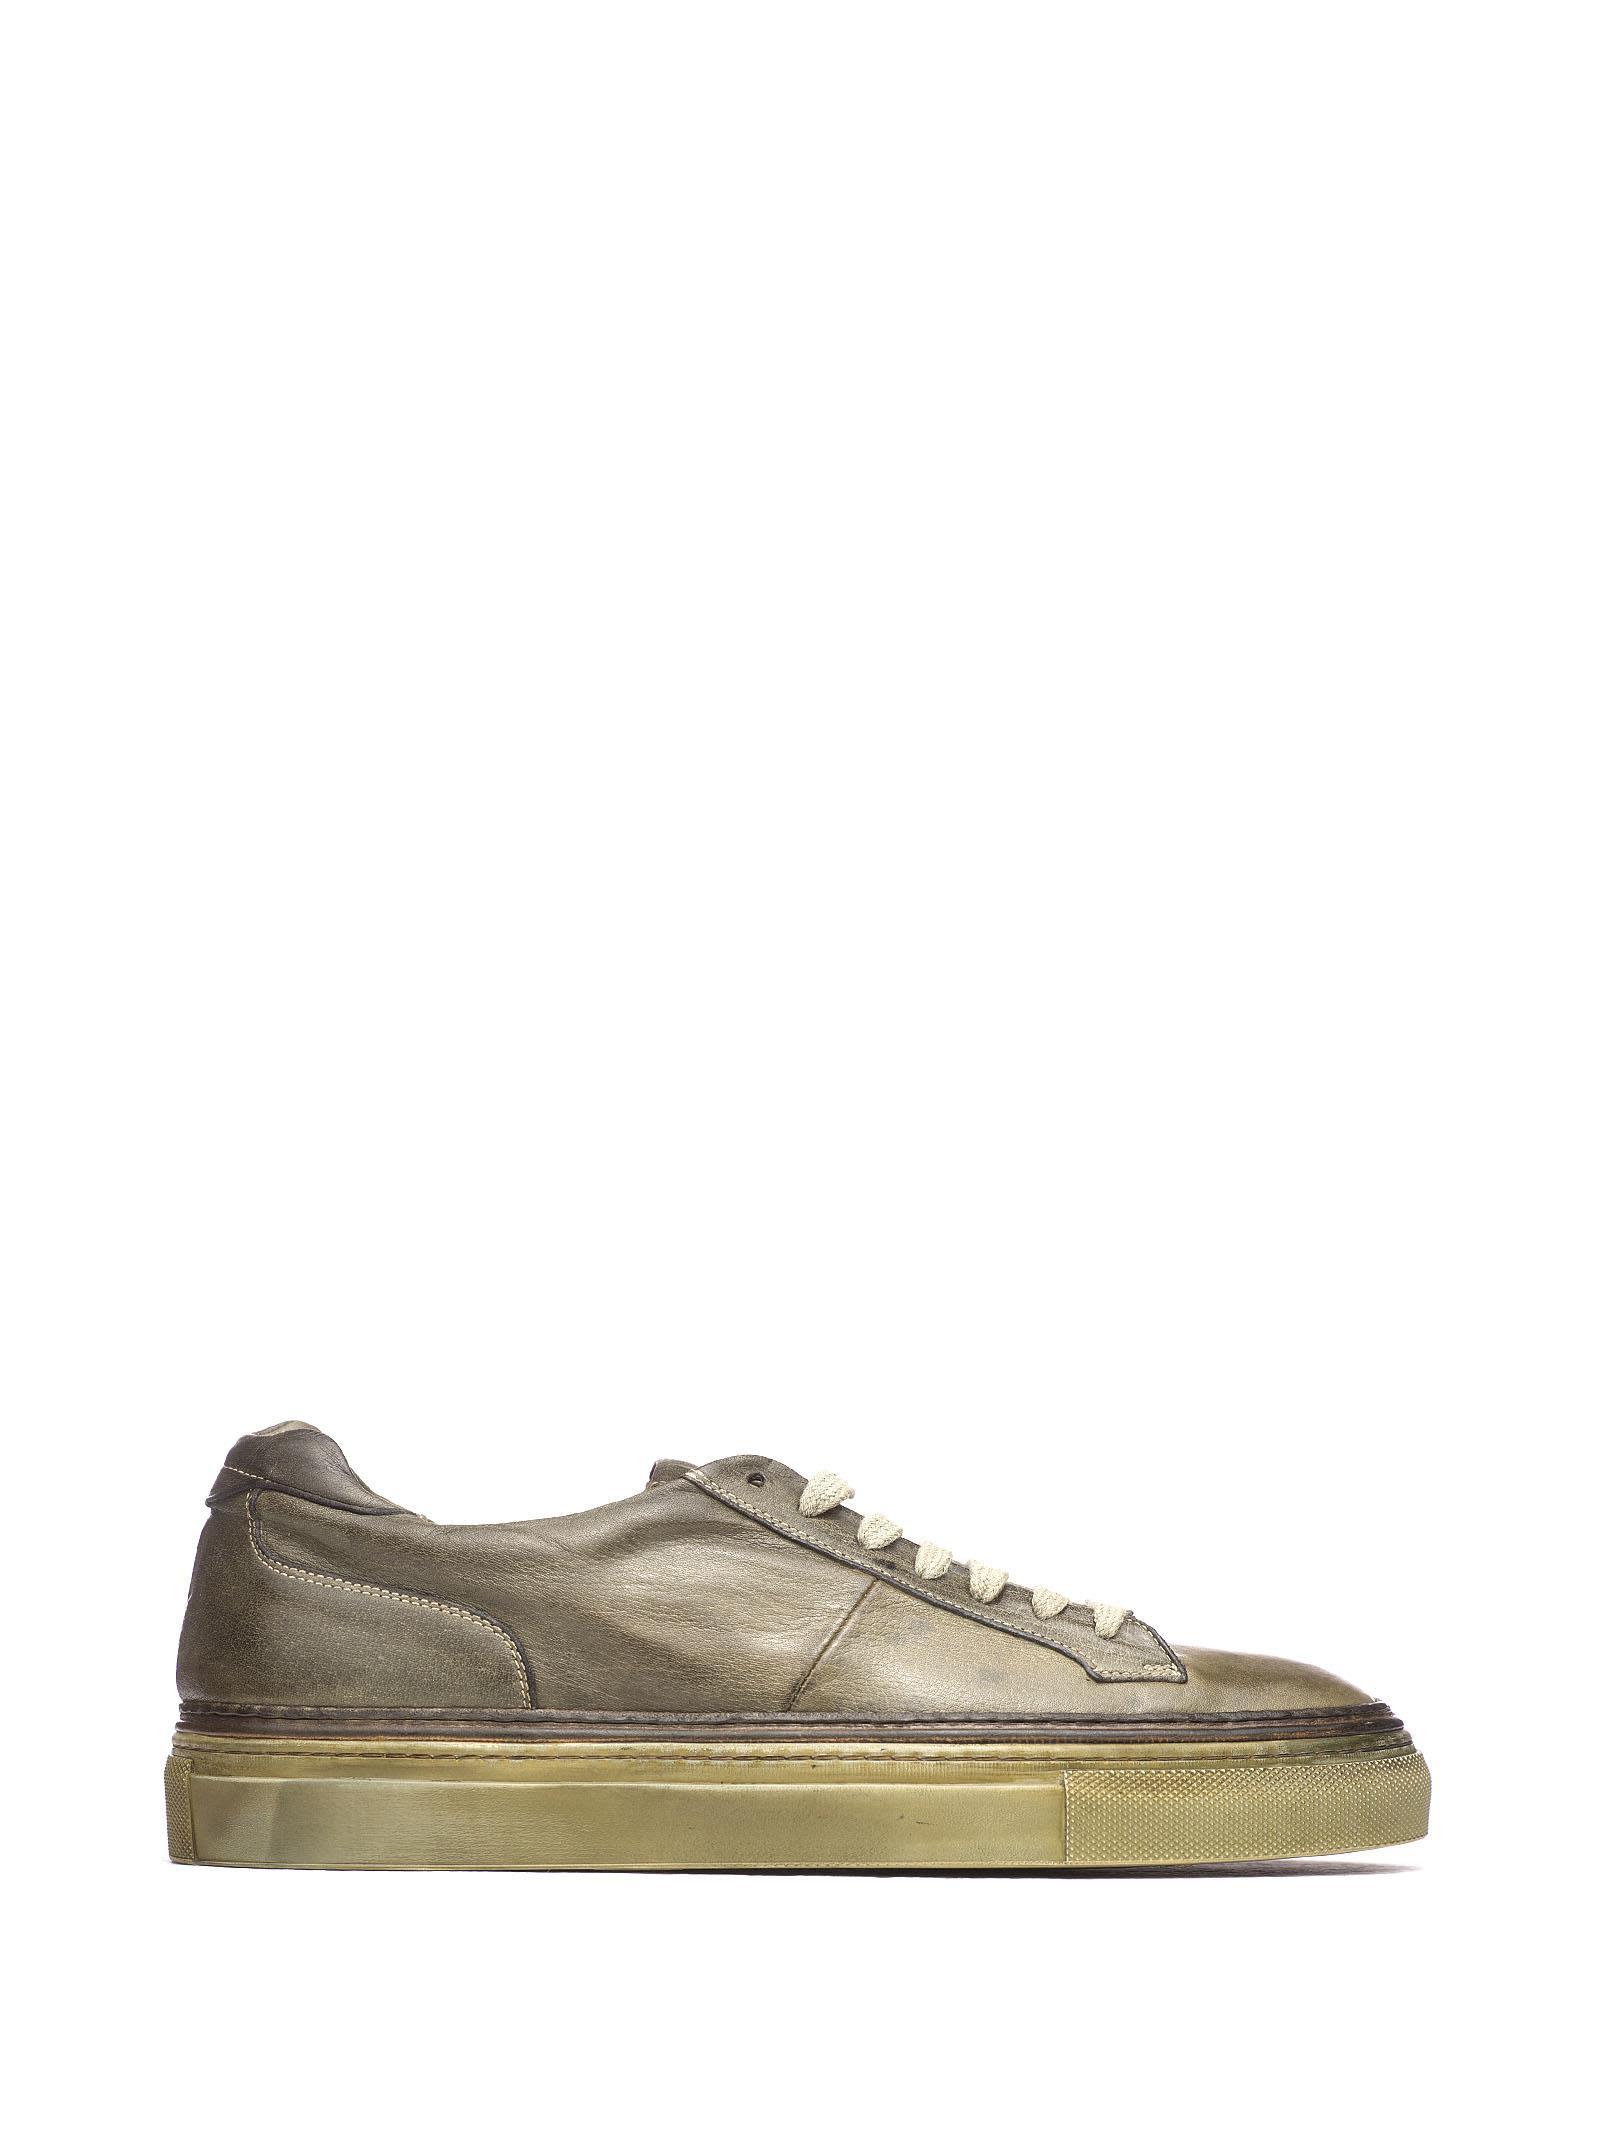 Corvari Green Leather Sneakers